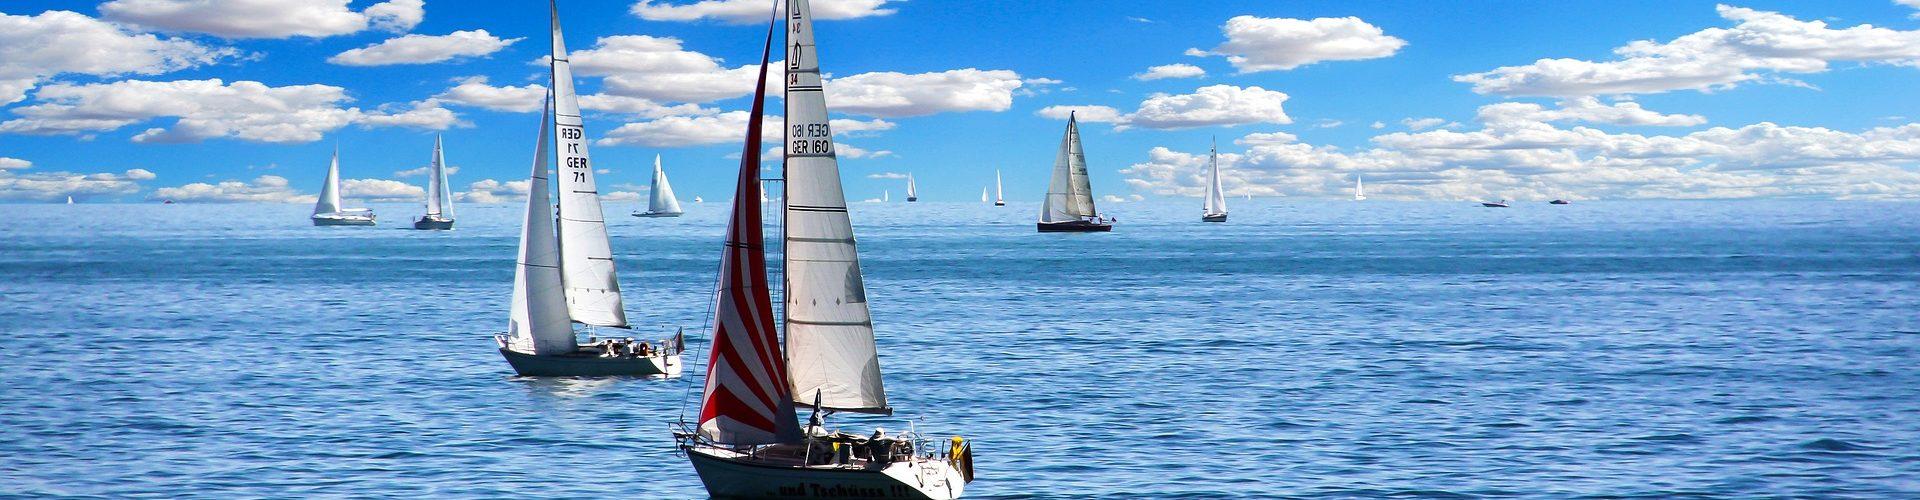 segeln lernen in Uetersen segelschein machen in Uetersen 1920x500 - Segeln lernen in Uetersen